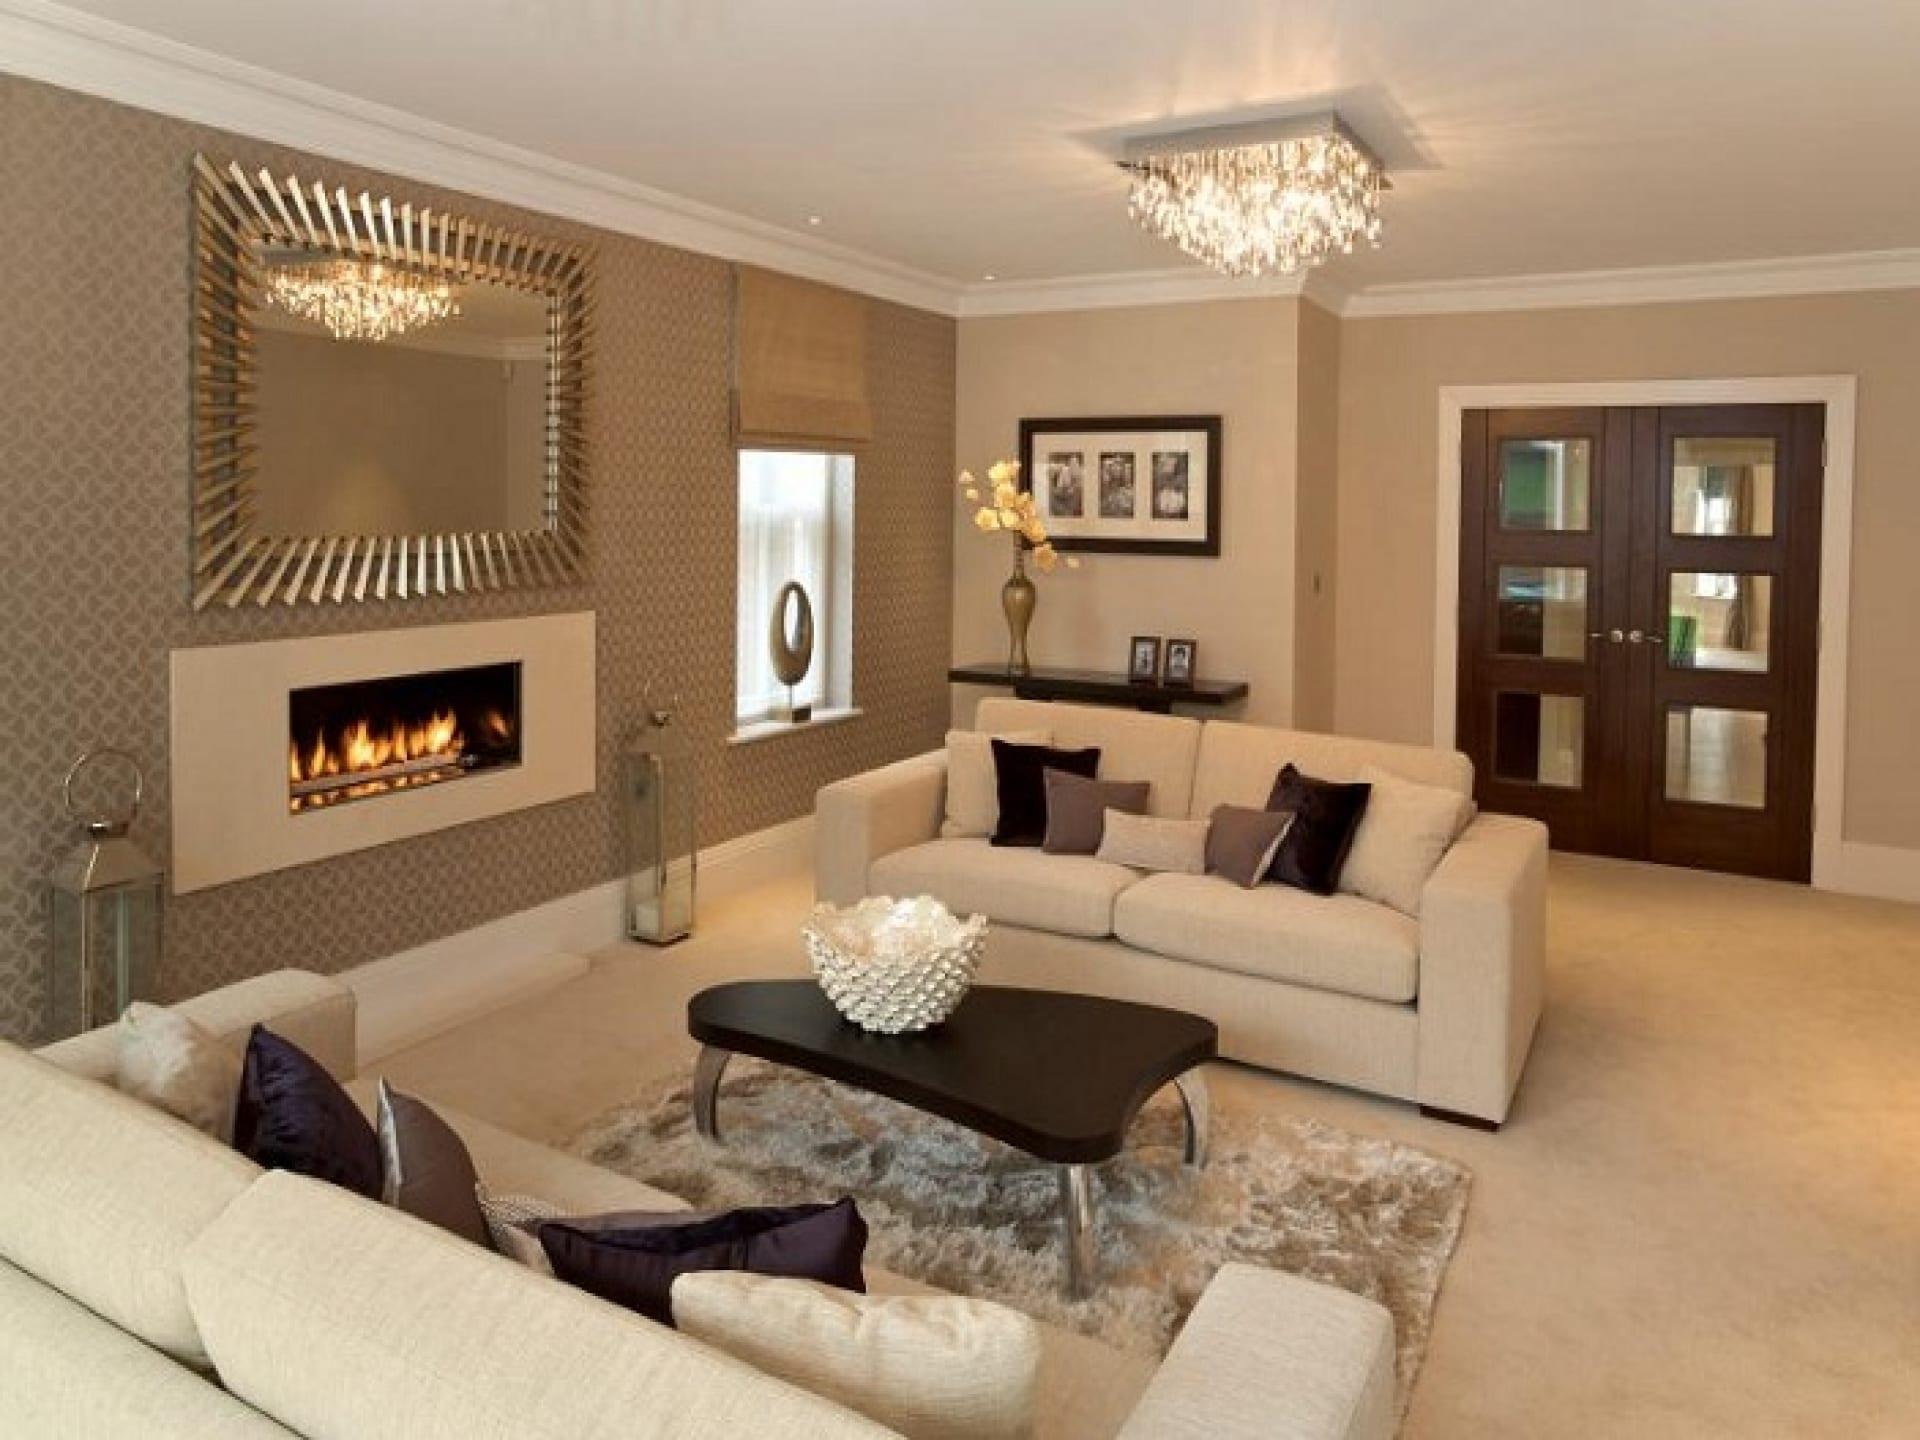 Braune Wandfarbe Wohnzimmer Farbgestaltung Zu Braun Beige Genial